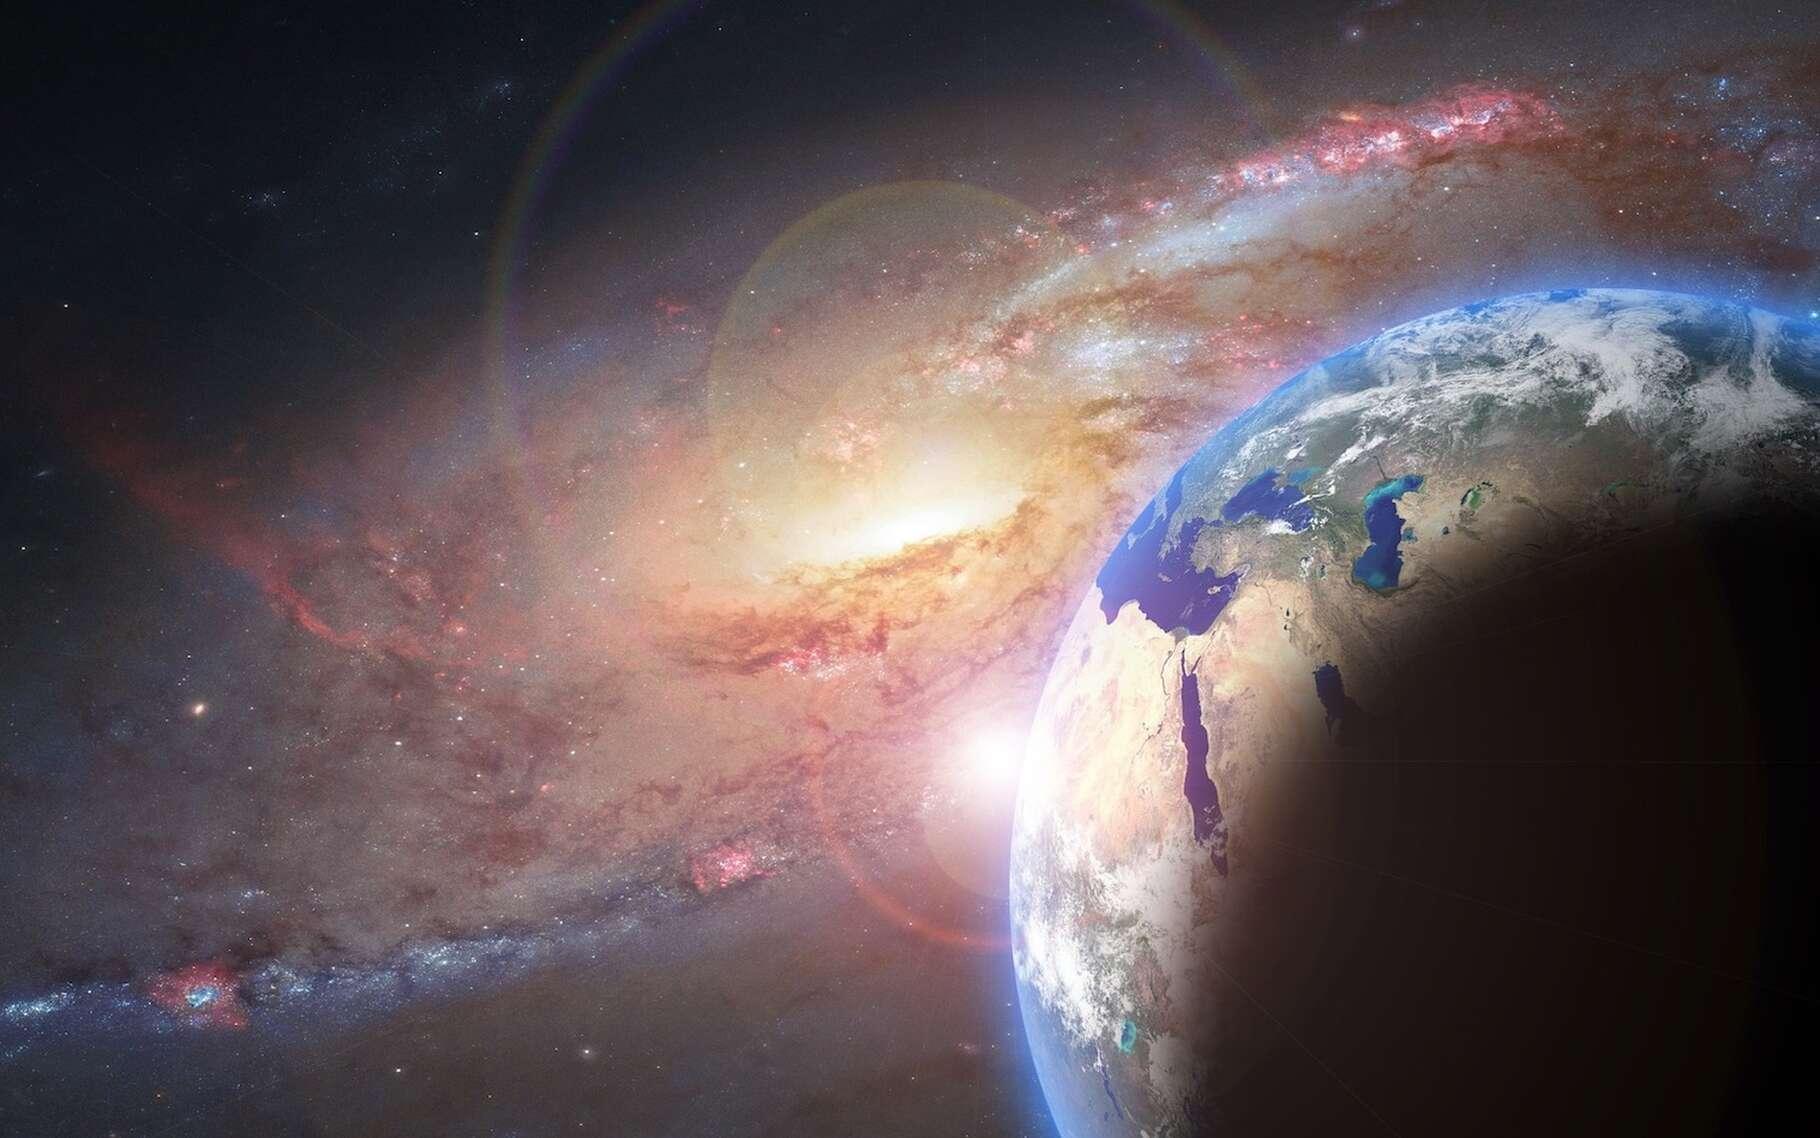 Si la Terre s'arrêtait de tourner, les conséquences seraient catastrophiques pour les êtres humains. Heureusement, la Nasa estime que cela ne risque pas d'arriver. © GuillaumePreat, Pixabay License